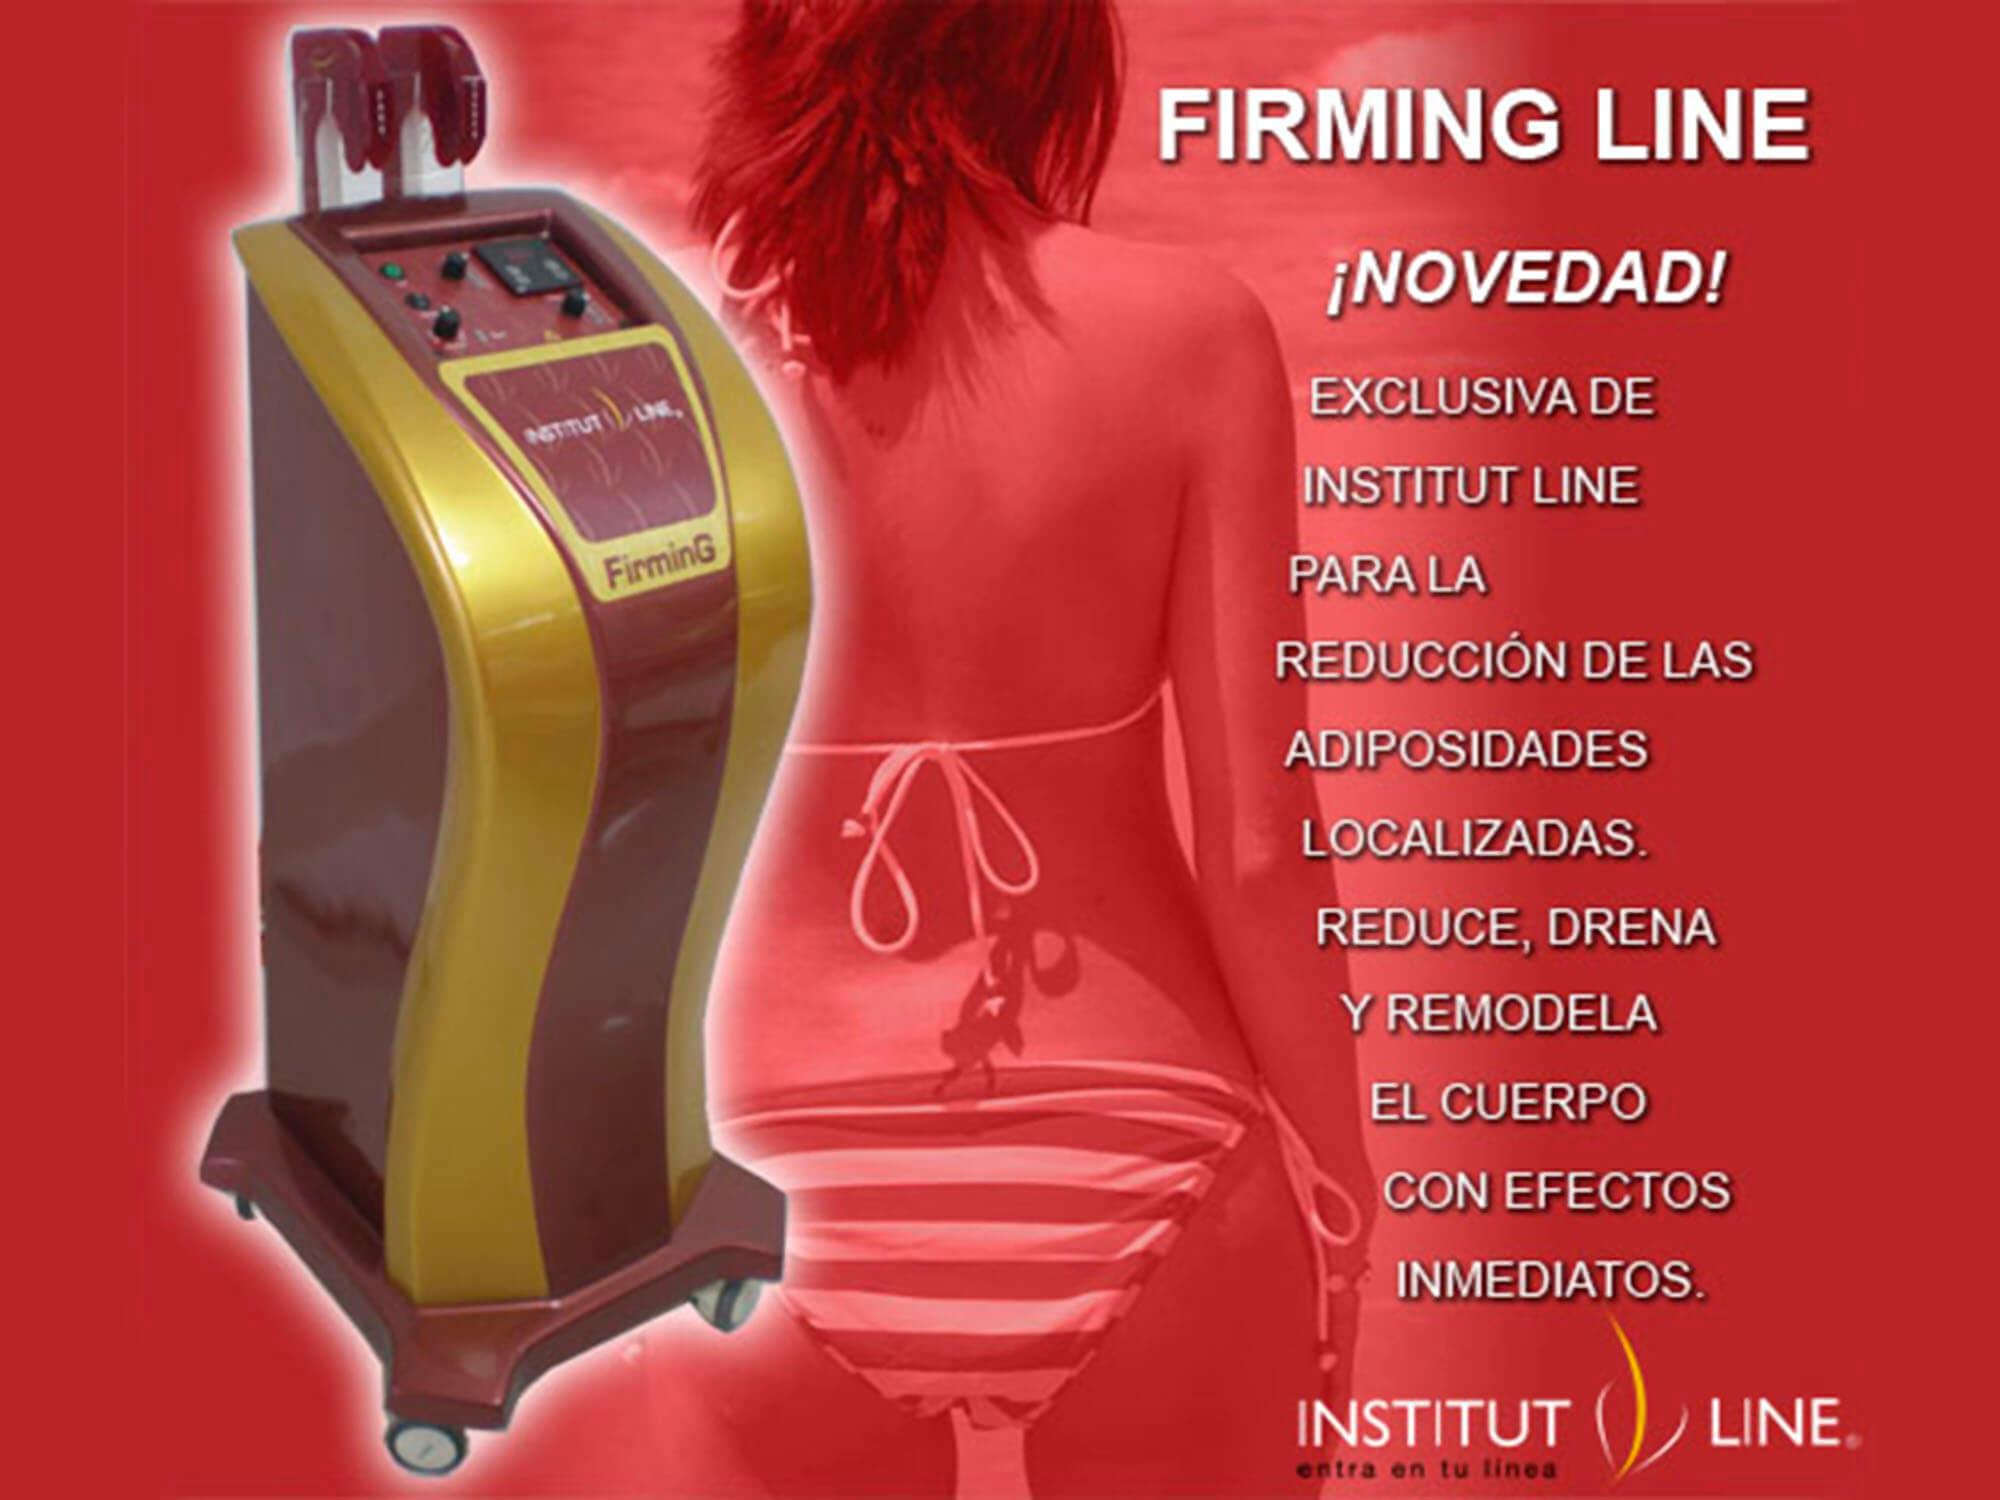 Nueva máquina exclusiva en Benidorm